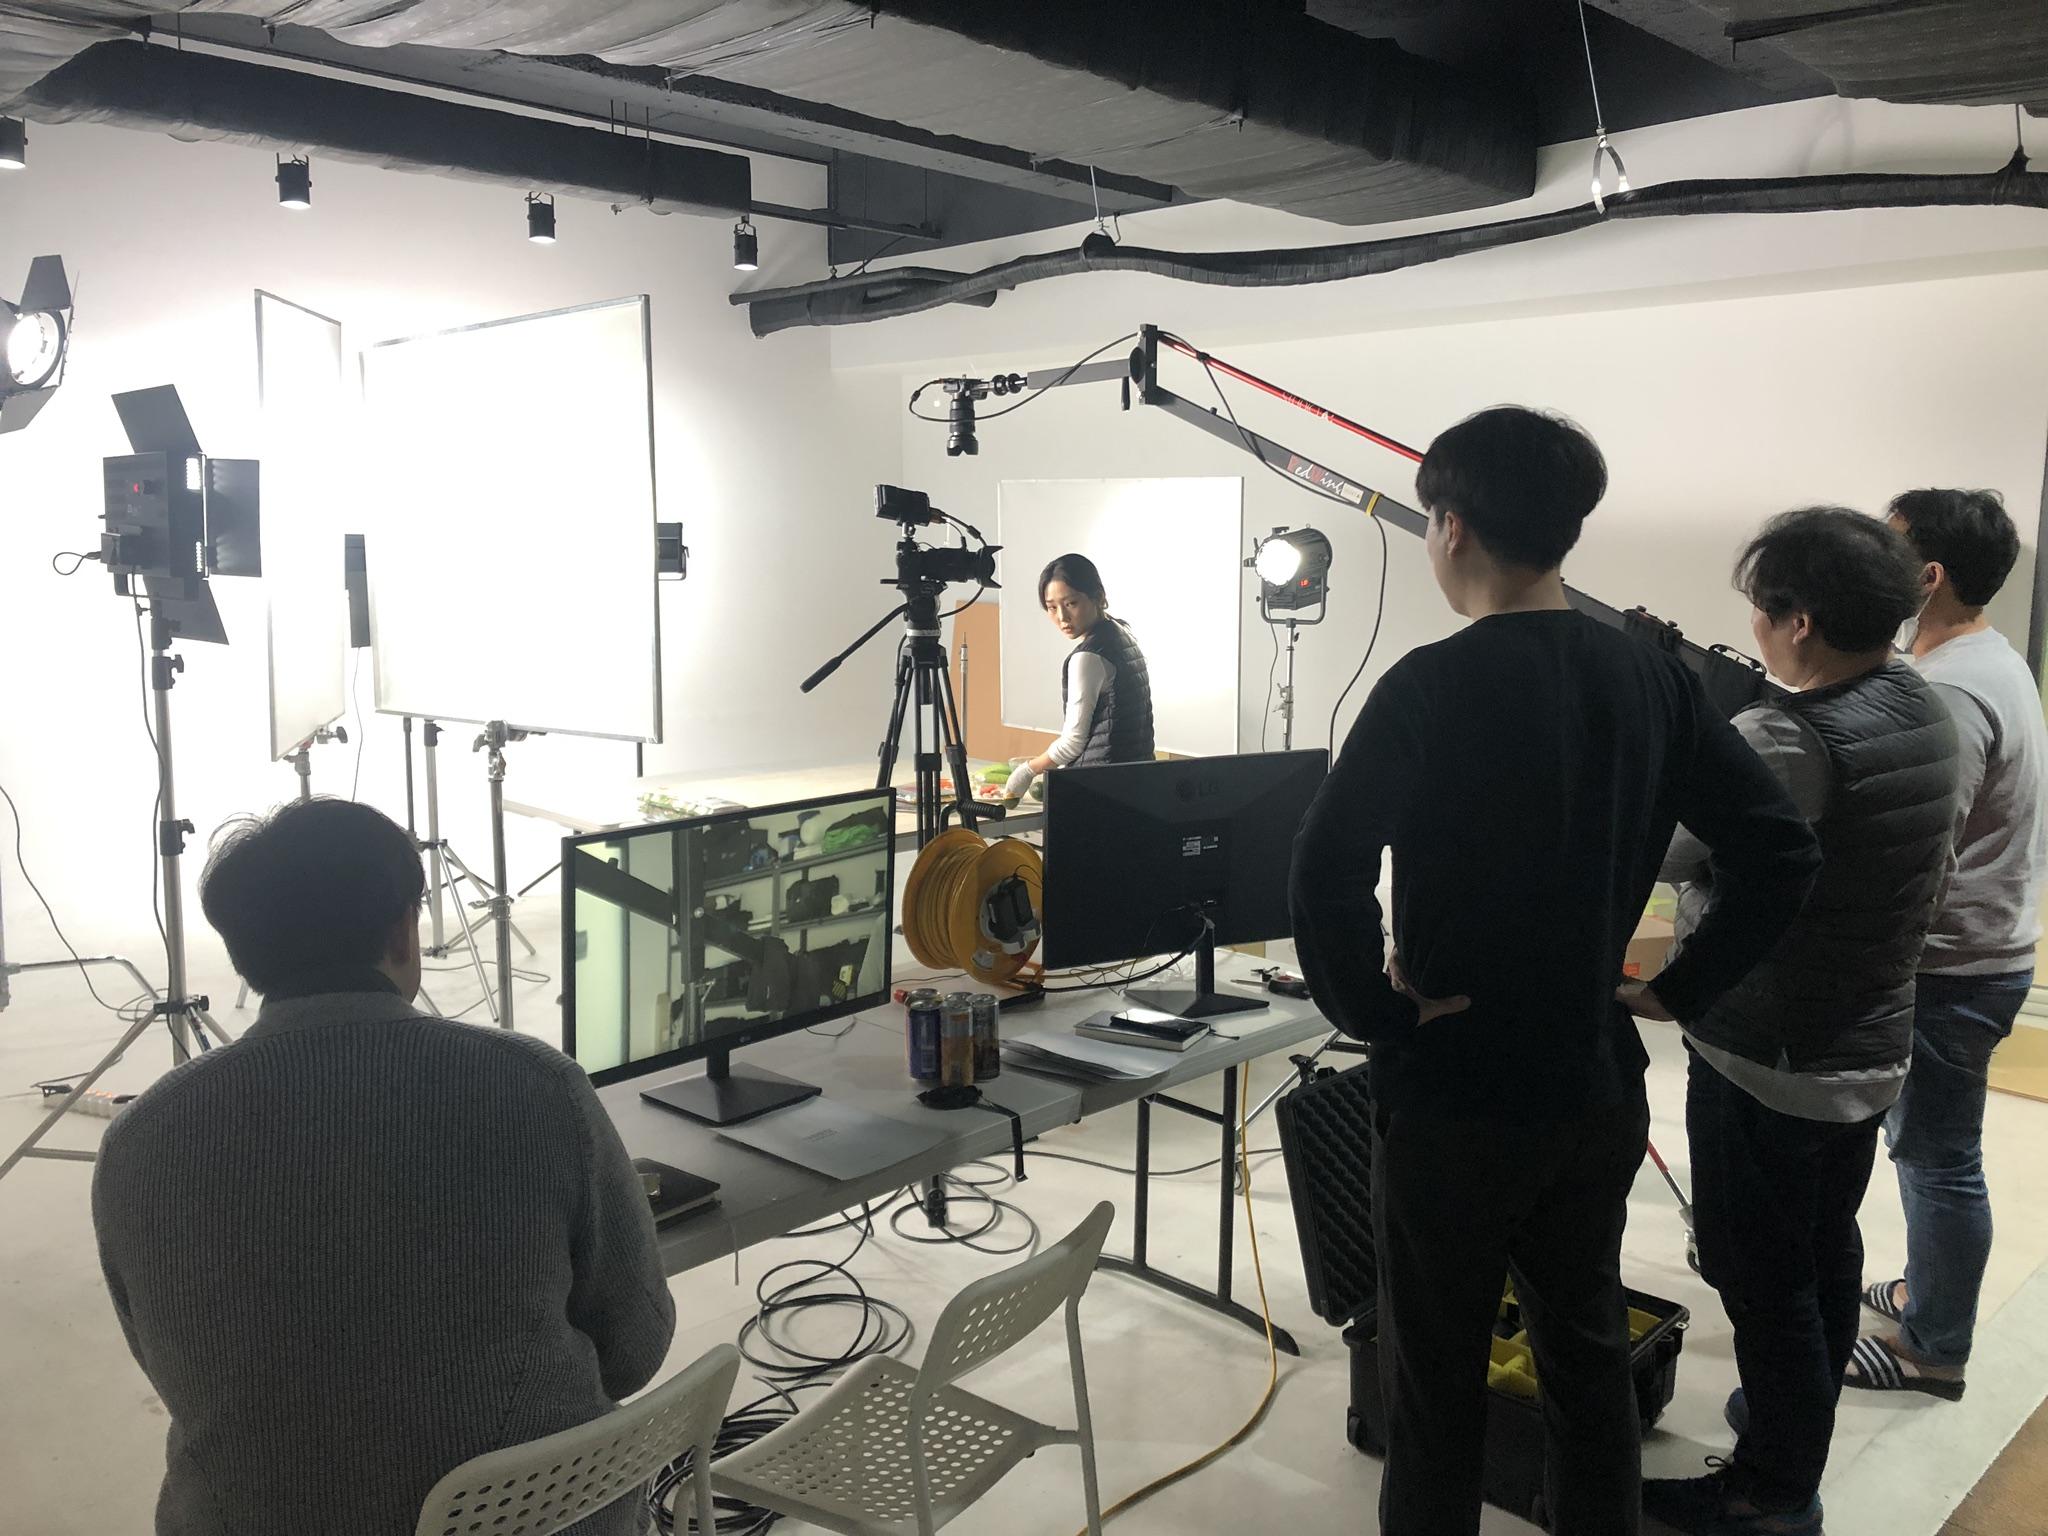 수퍼비글로벌디자인그룹 영상팀 대천김 수출용 김 홍보영상 제작 현장 촬영 스케치